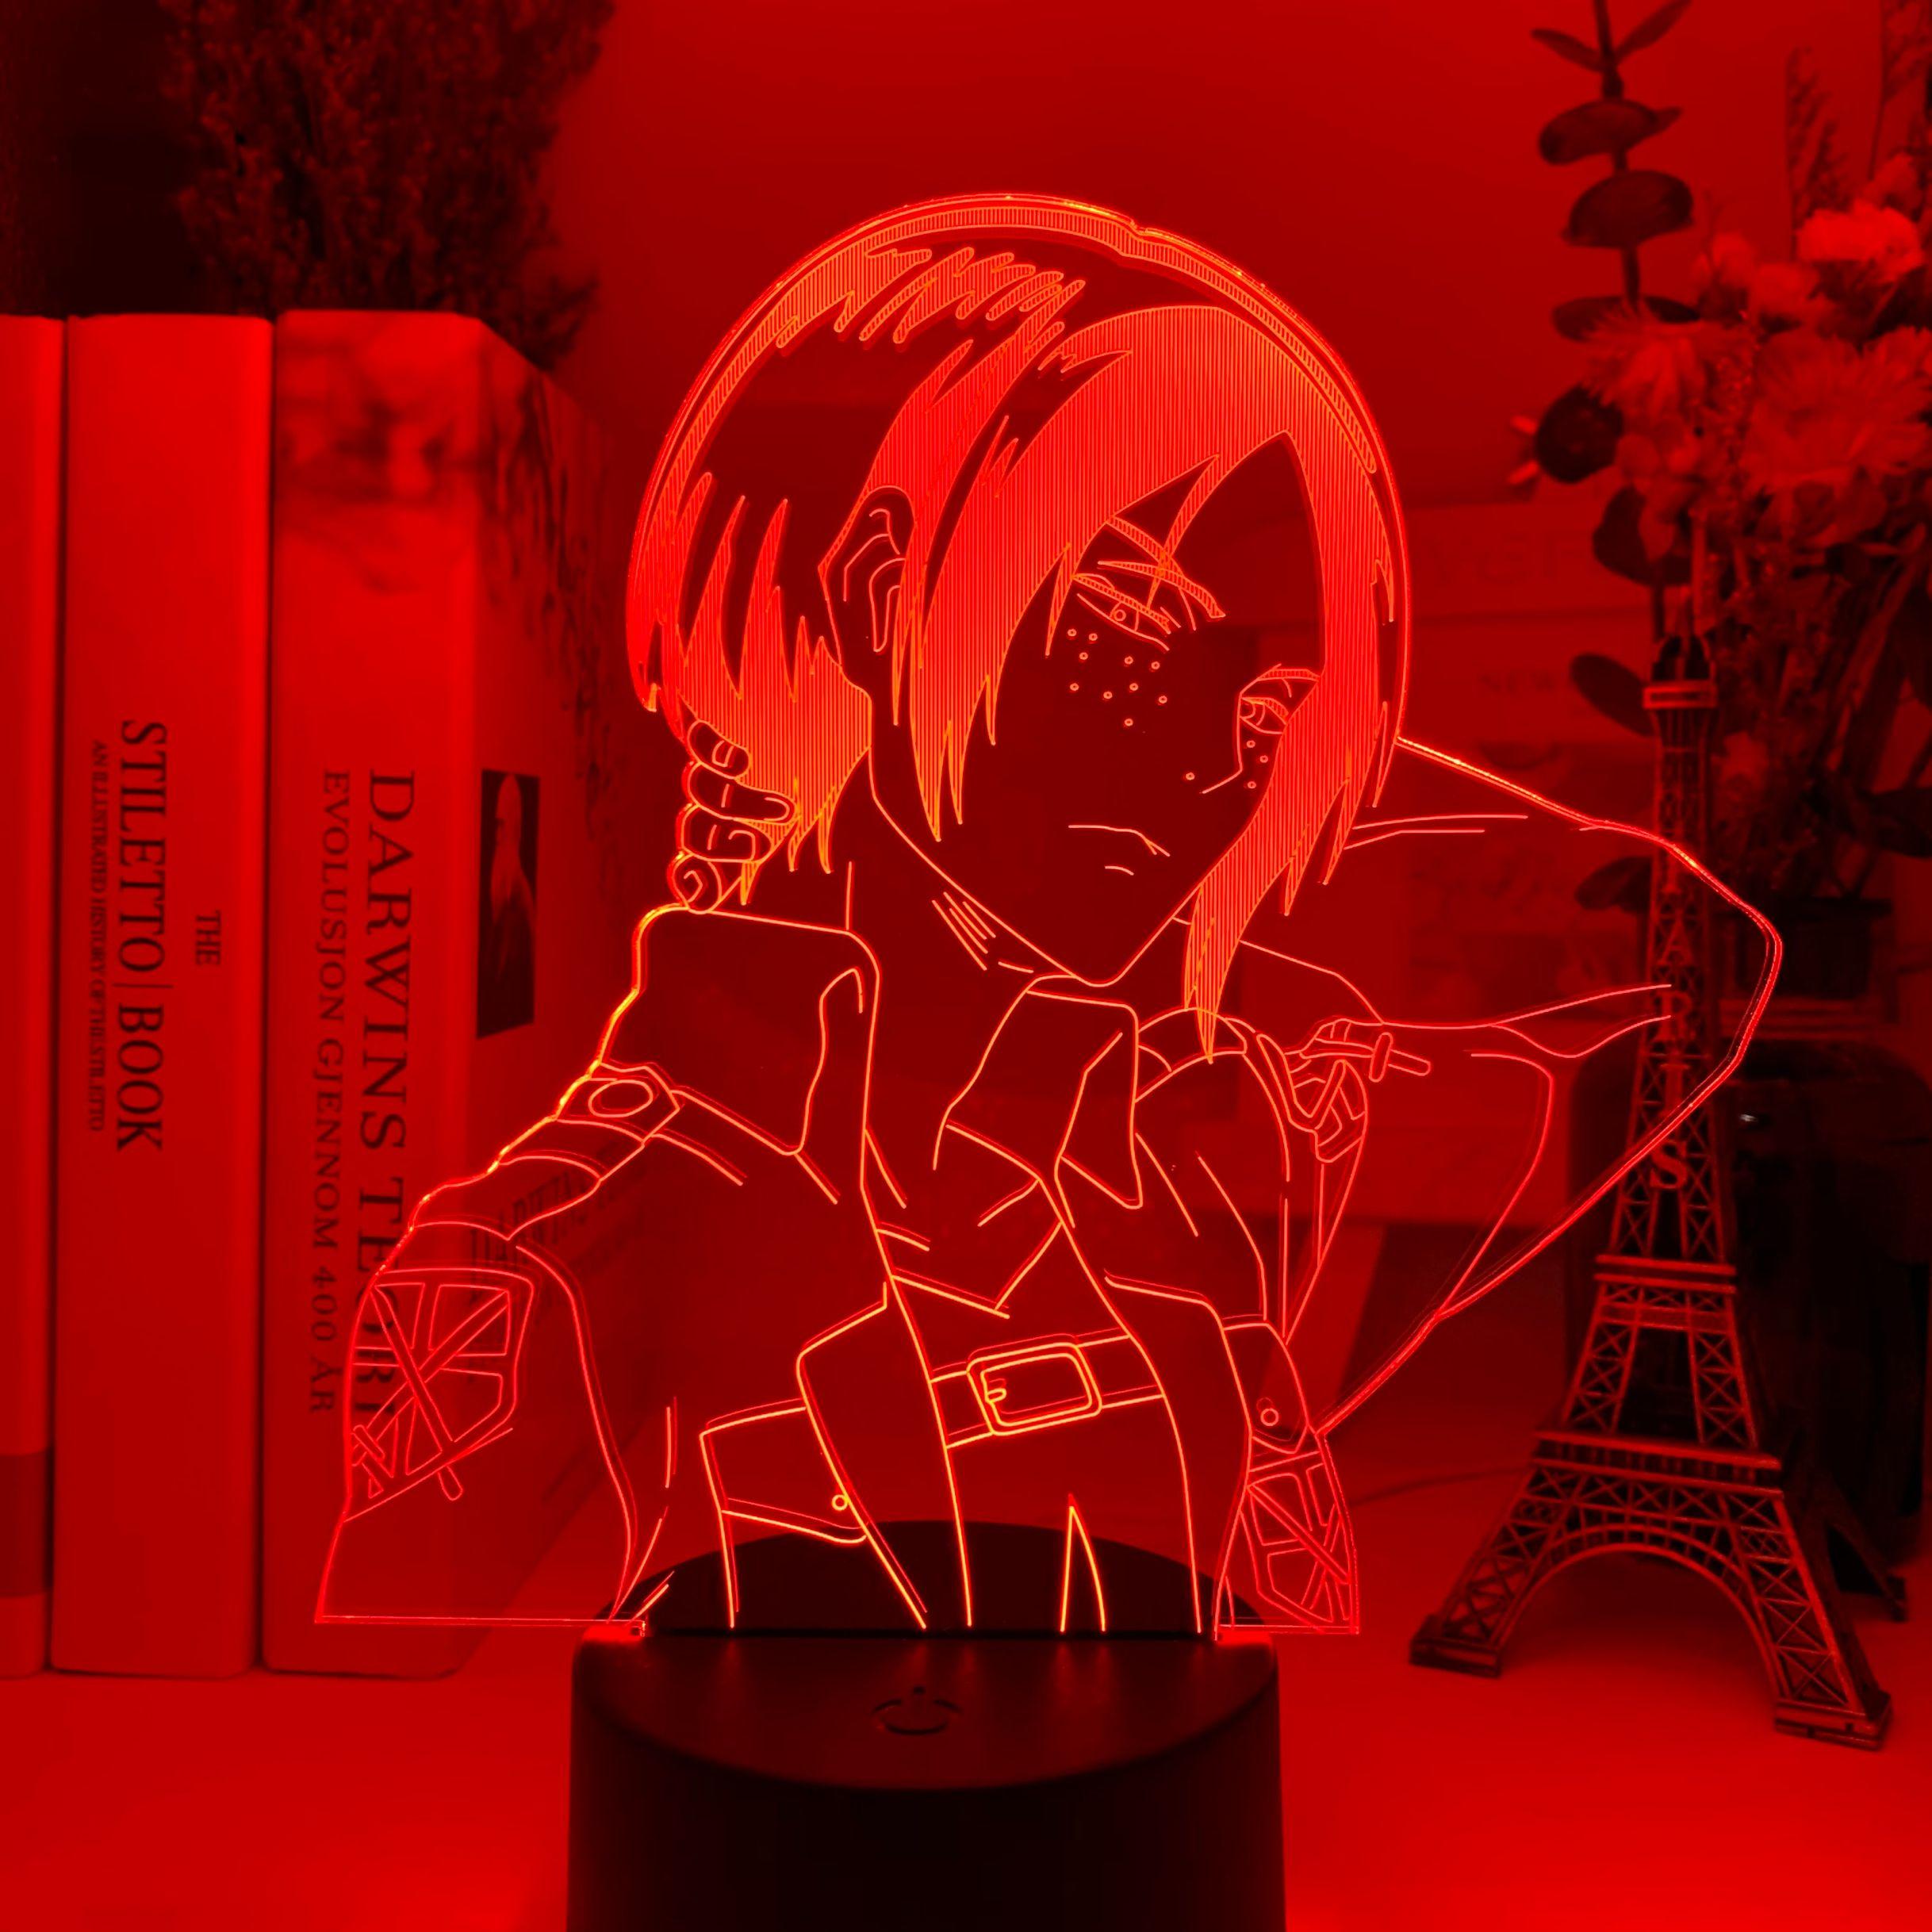 H091ec95192a0447db90eb9183ac9cb05l Luminária Attack On Titan Shingeki no Kyojin Acrílico 3d lâmpada ymir ataque em titã para casa decoração do quarto luz presente da criança ymir conduziu a luz da noite anime